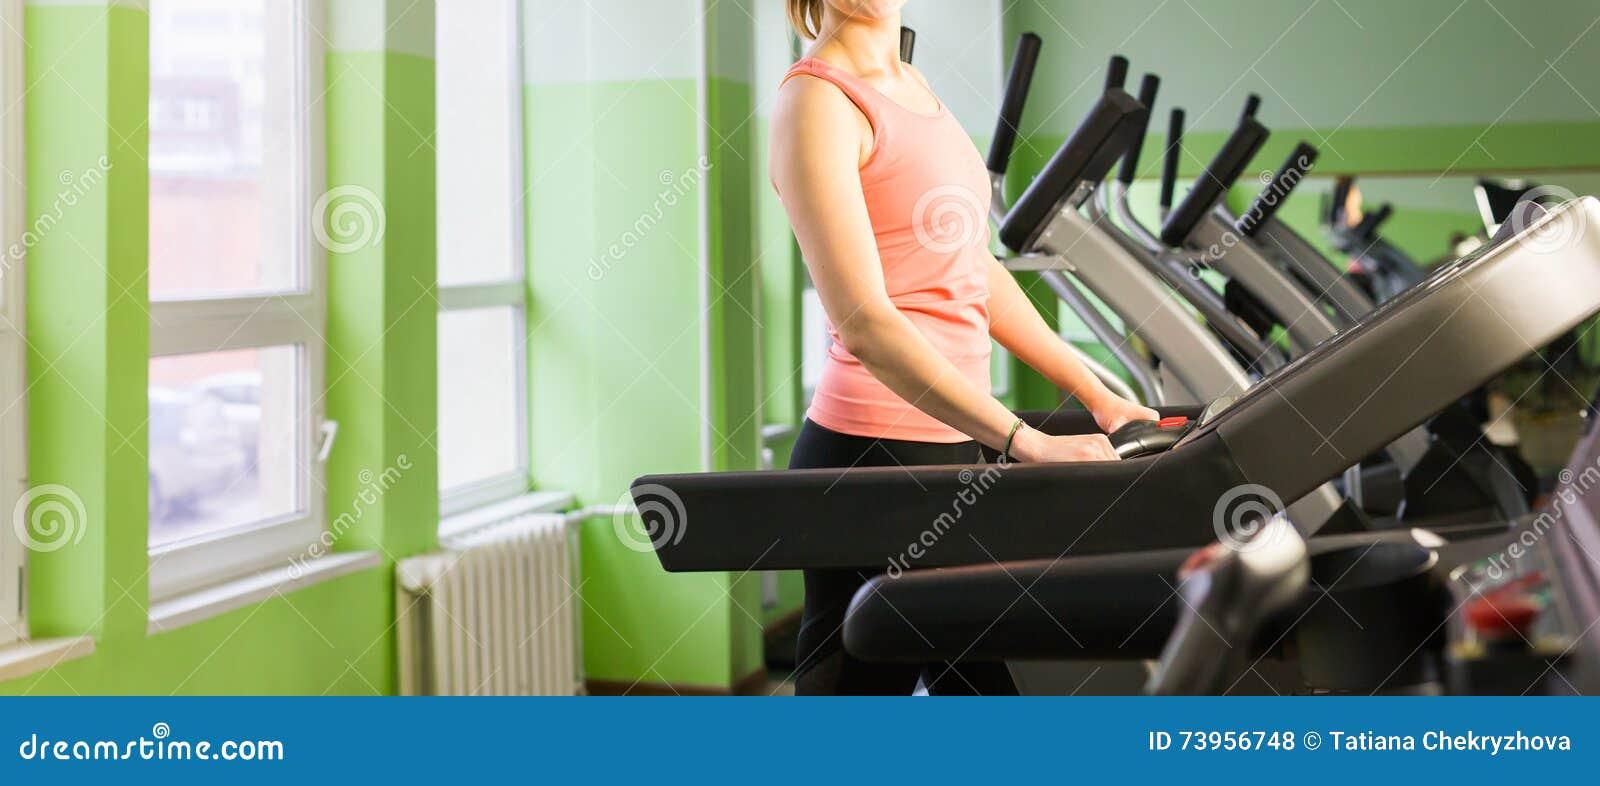 Fitness girl running on treadmill.